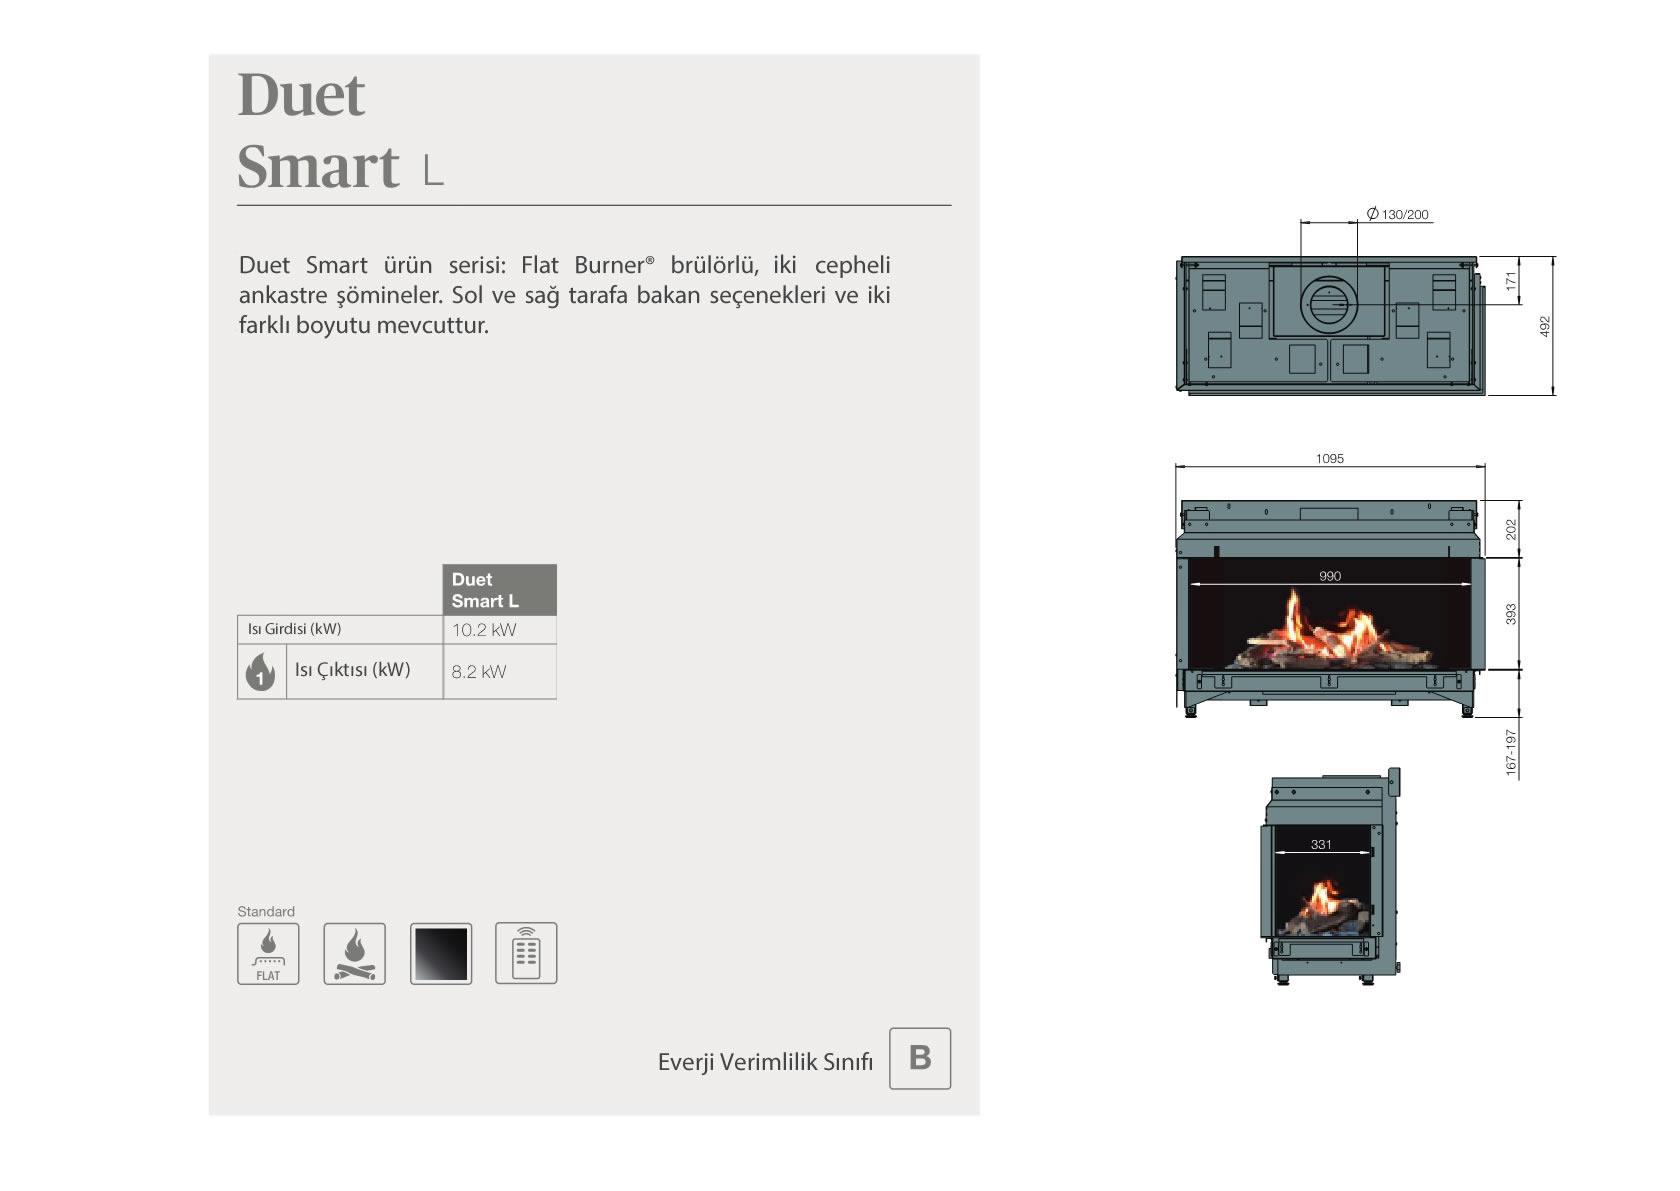 Faber Doğalgazlı Şömineler - Duet Smart L